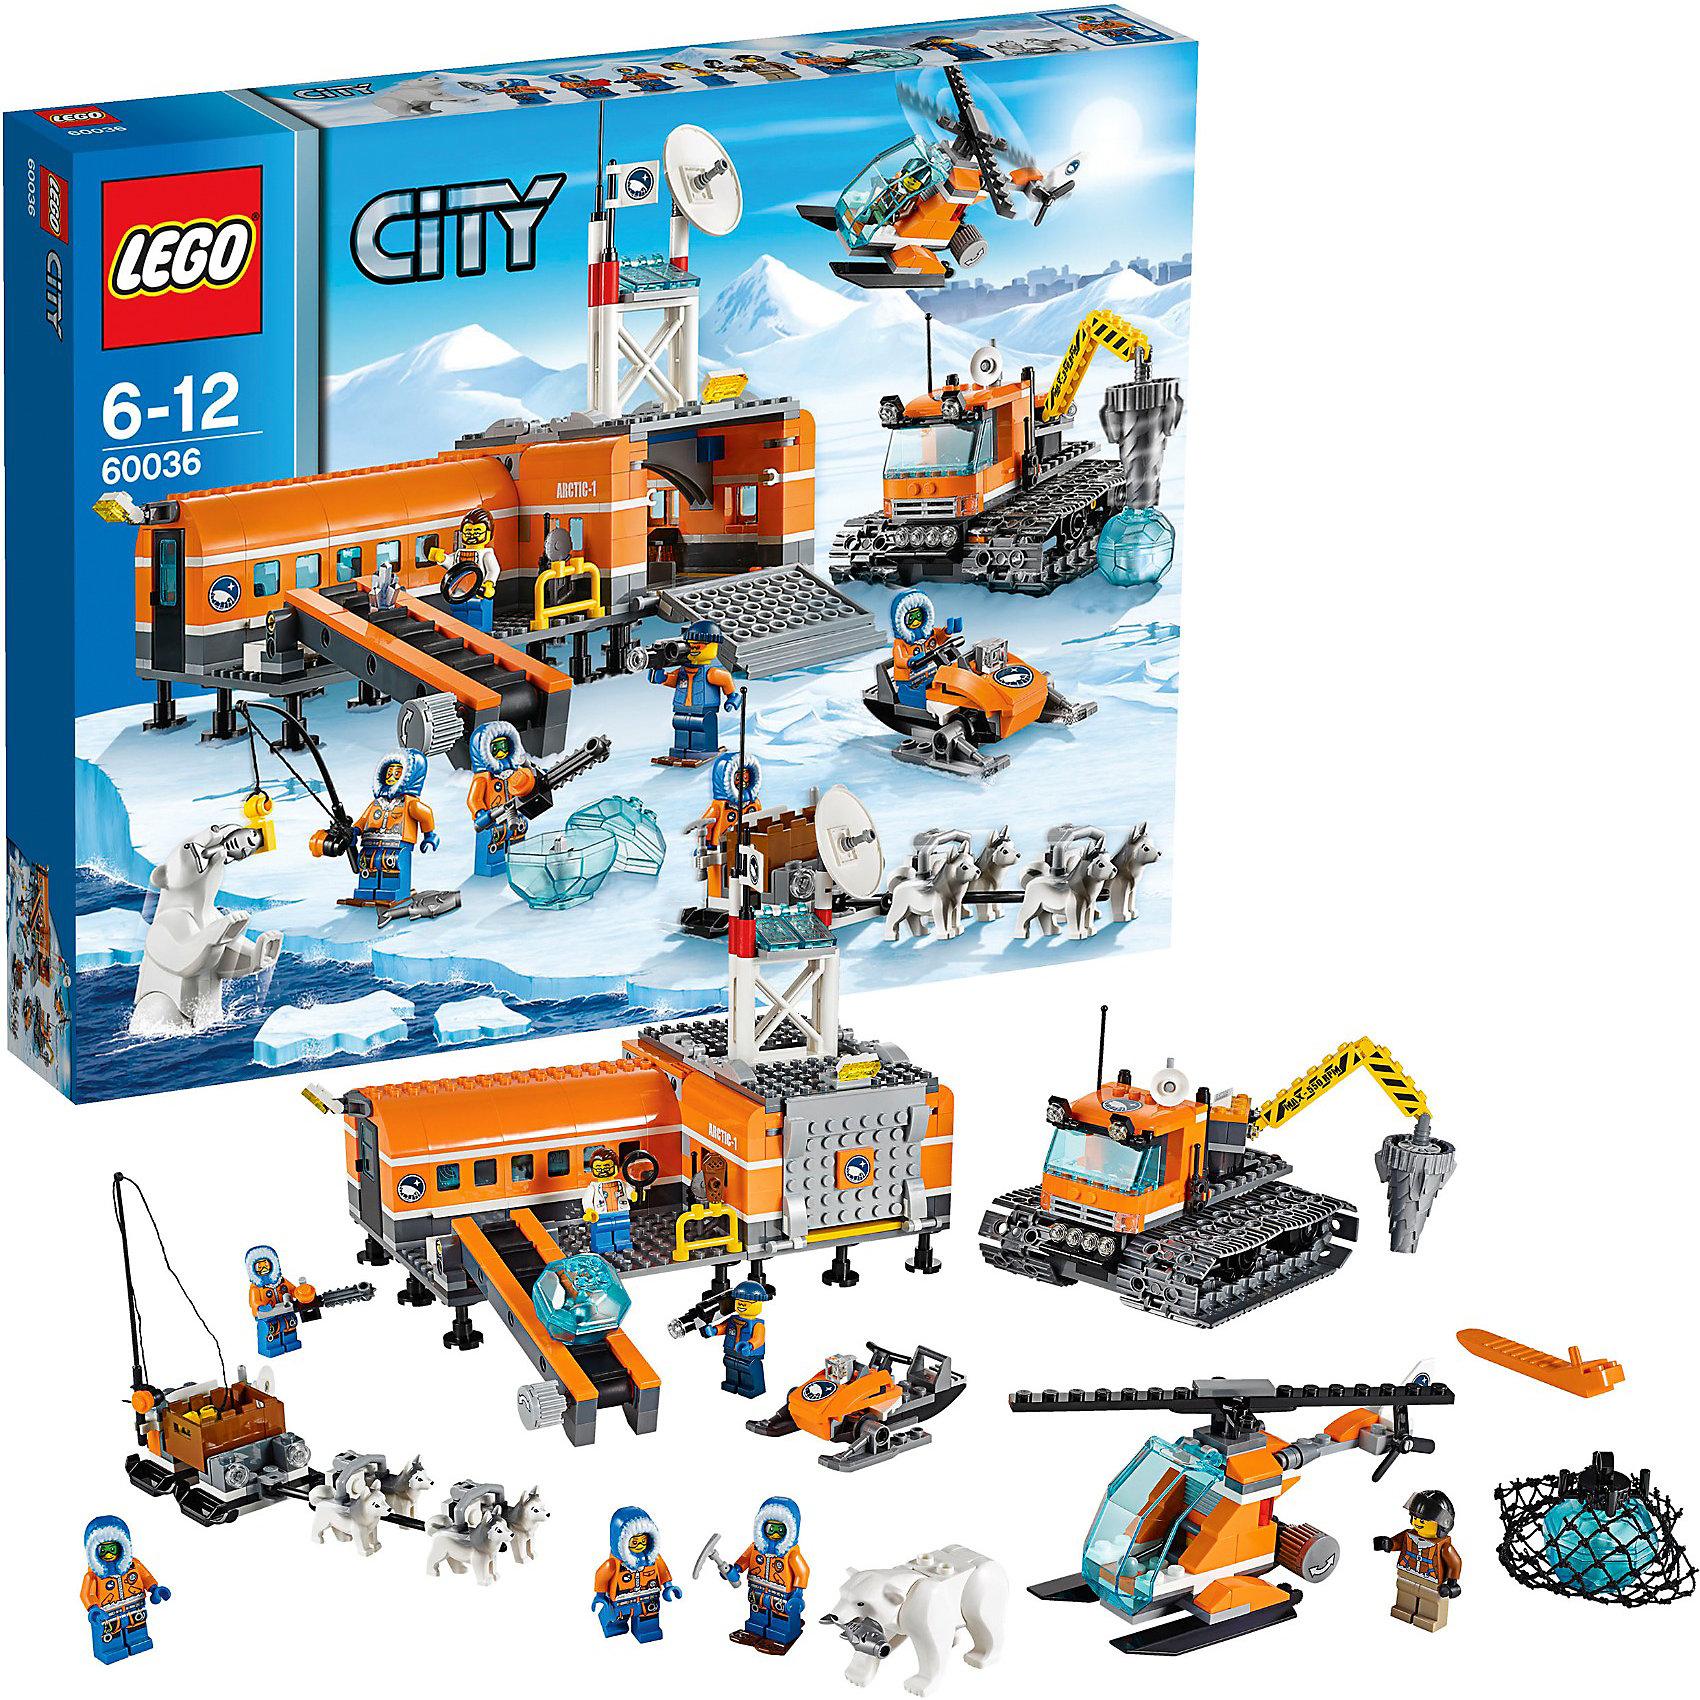 LEGO City 60036: Арктическая база